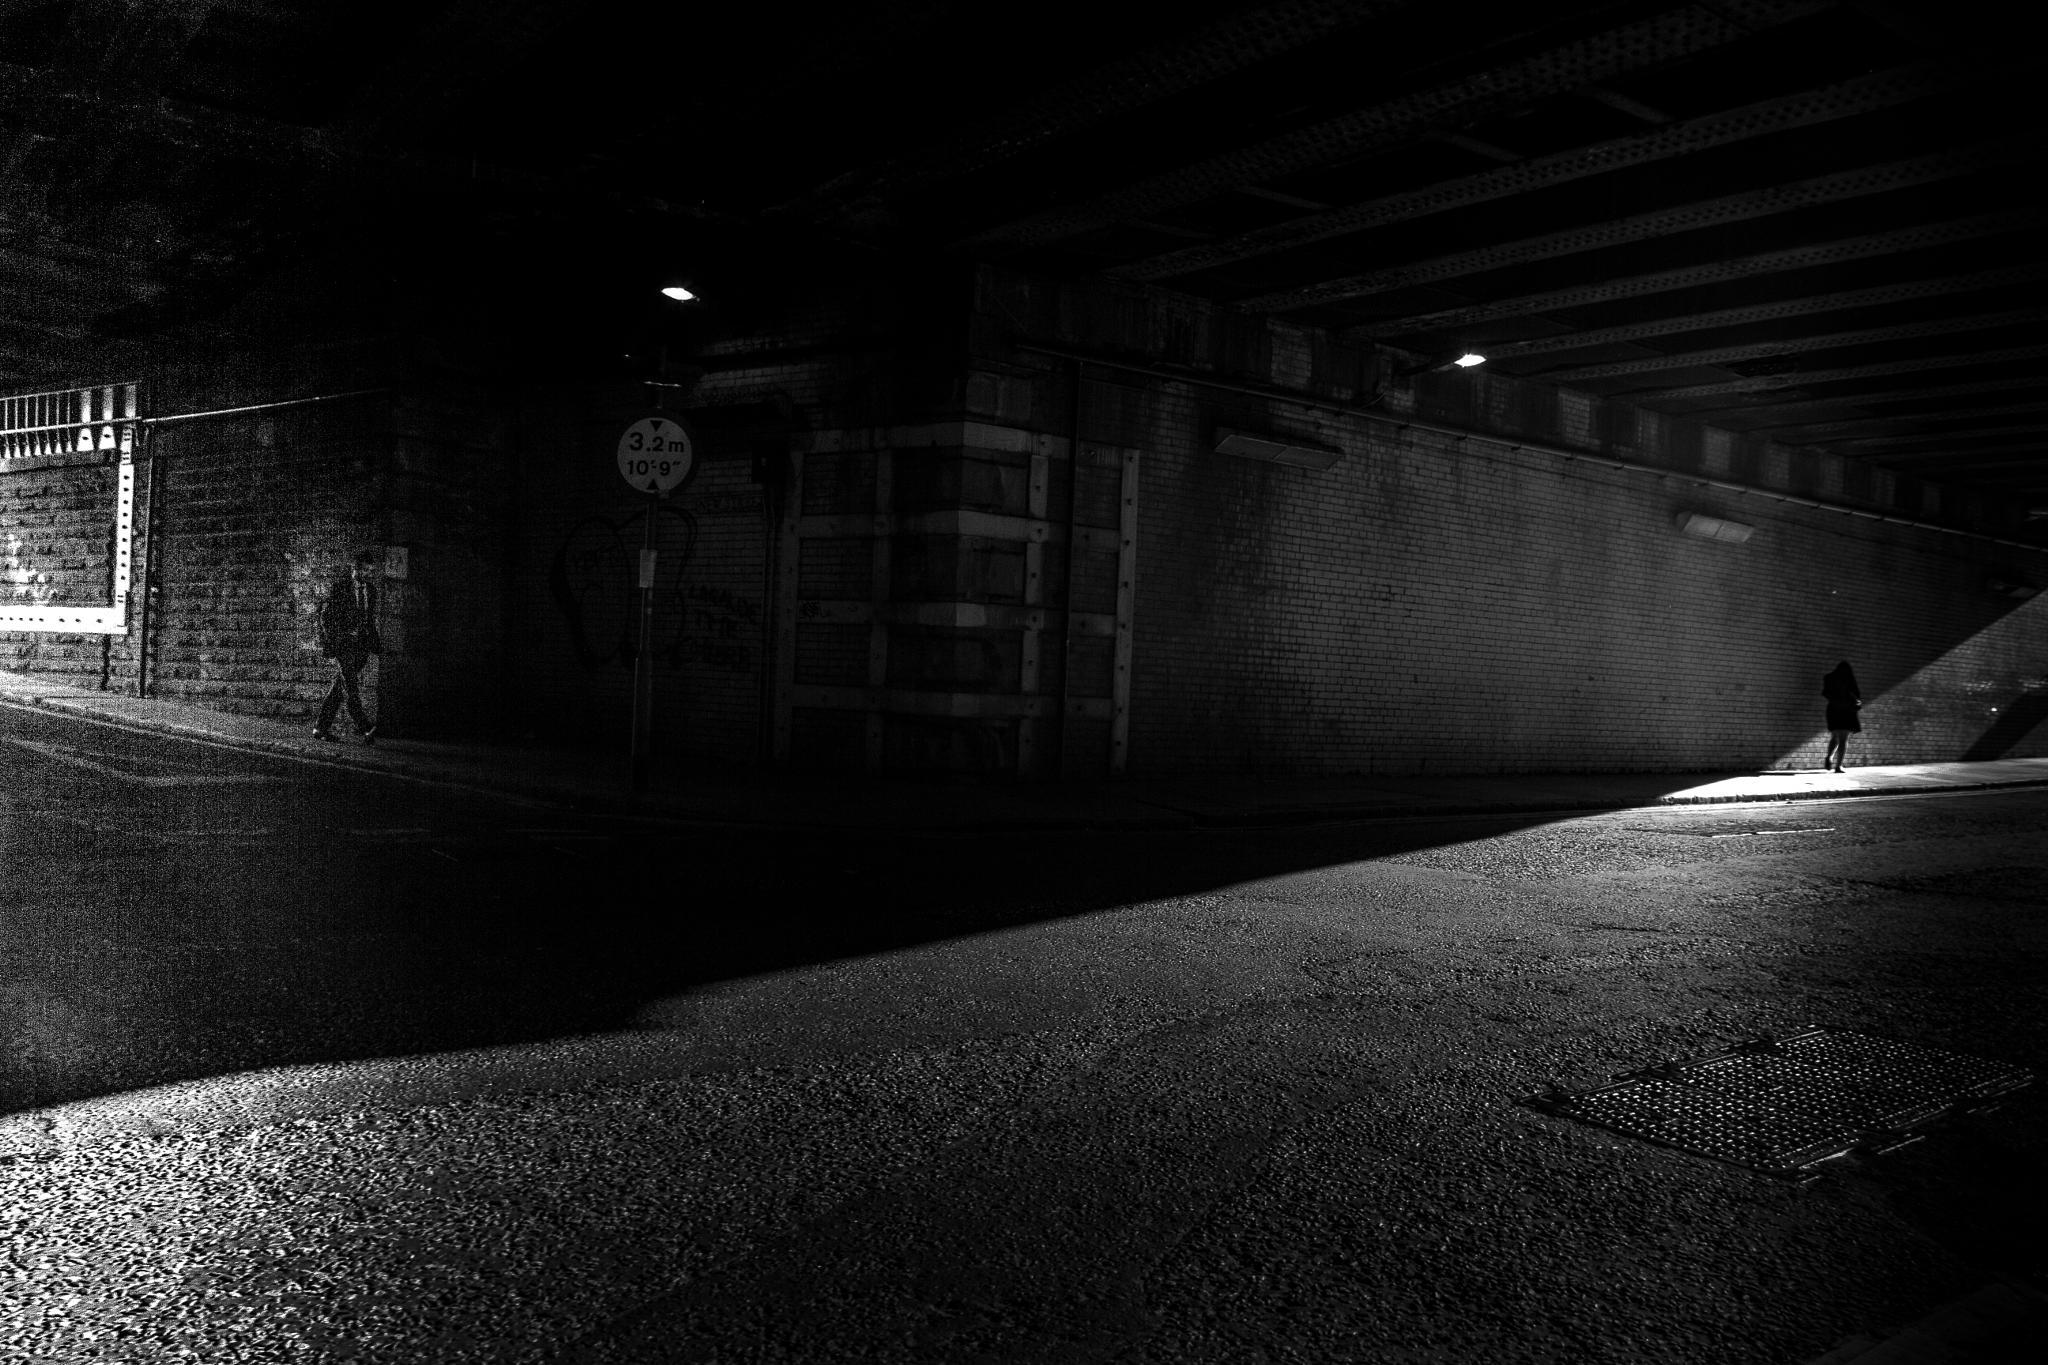 Noir by t.gwin